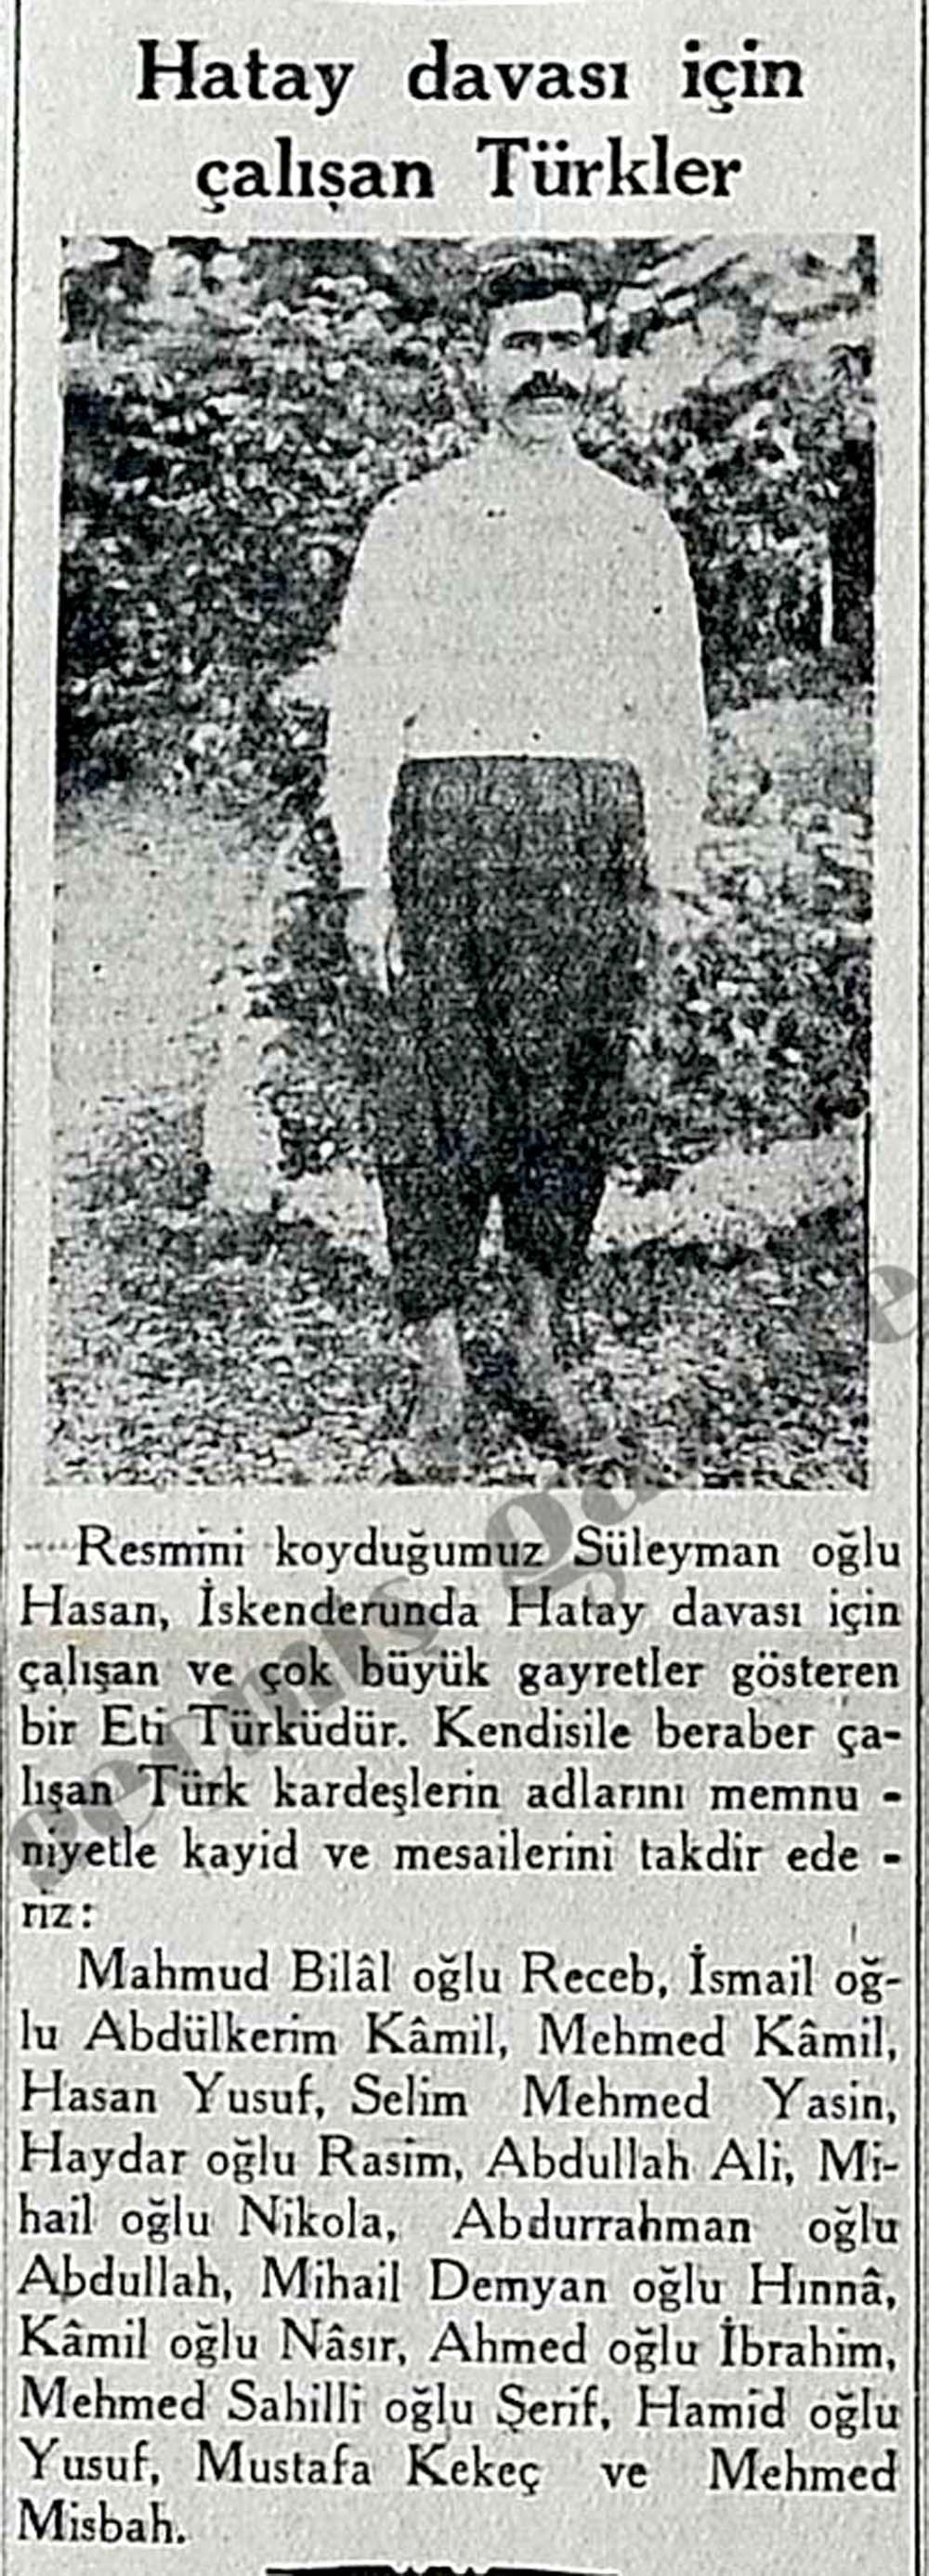 Hatay davası için çalışan Türkler